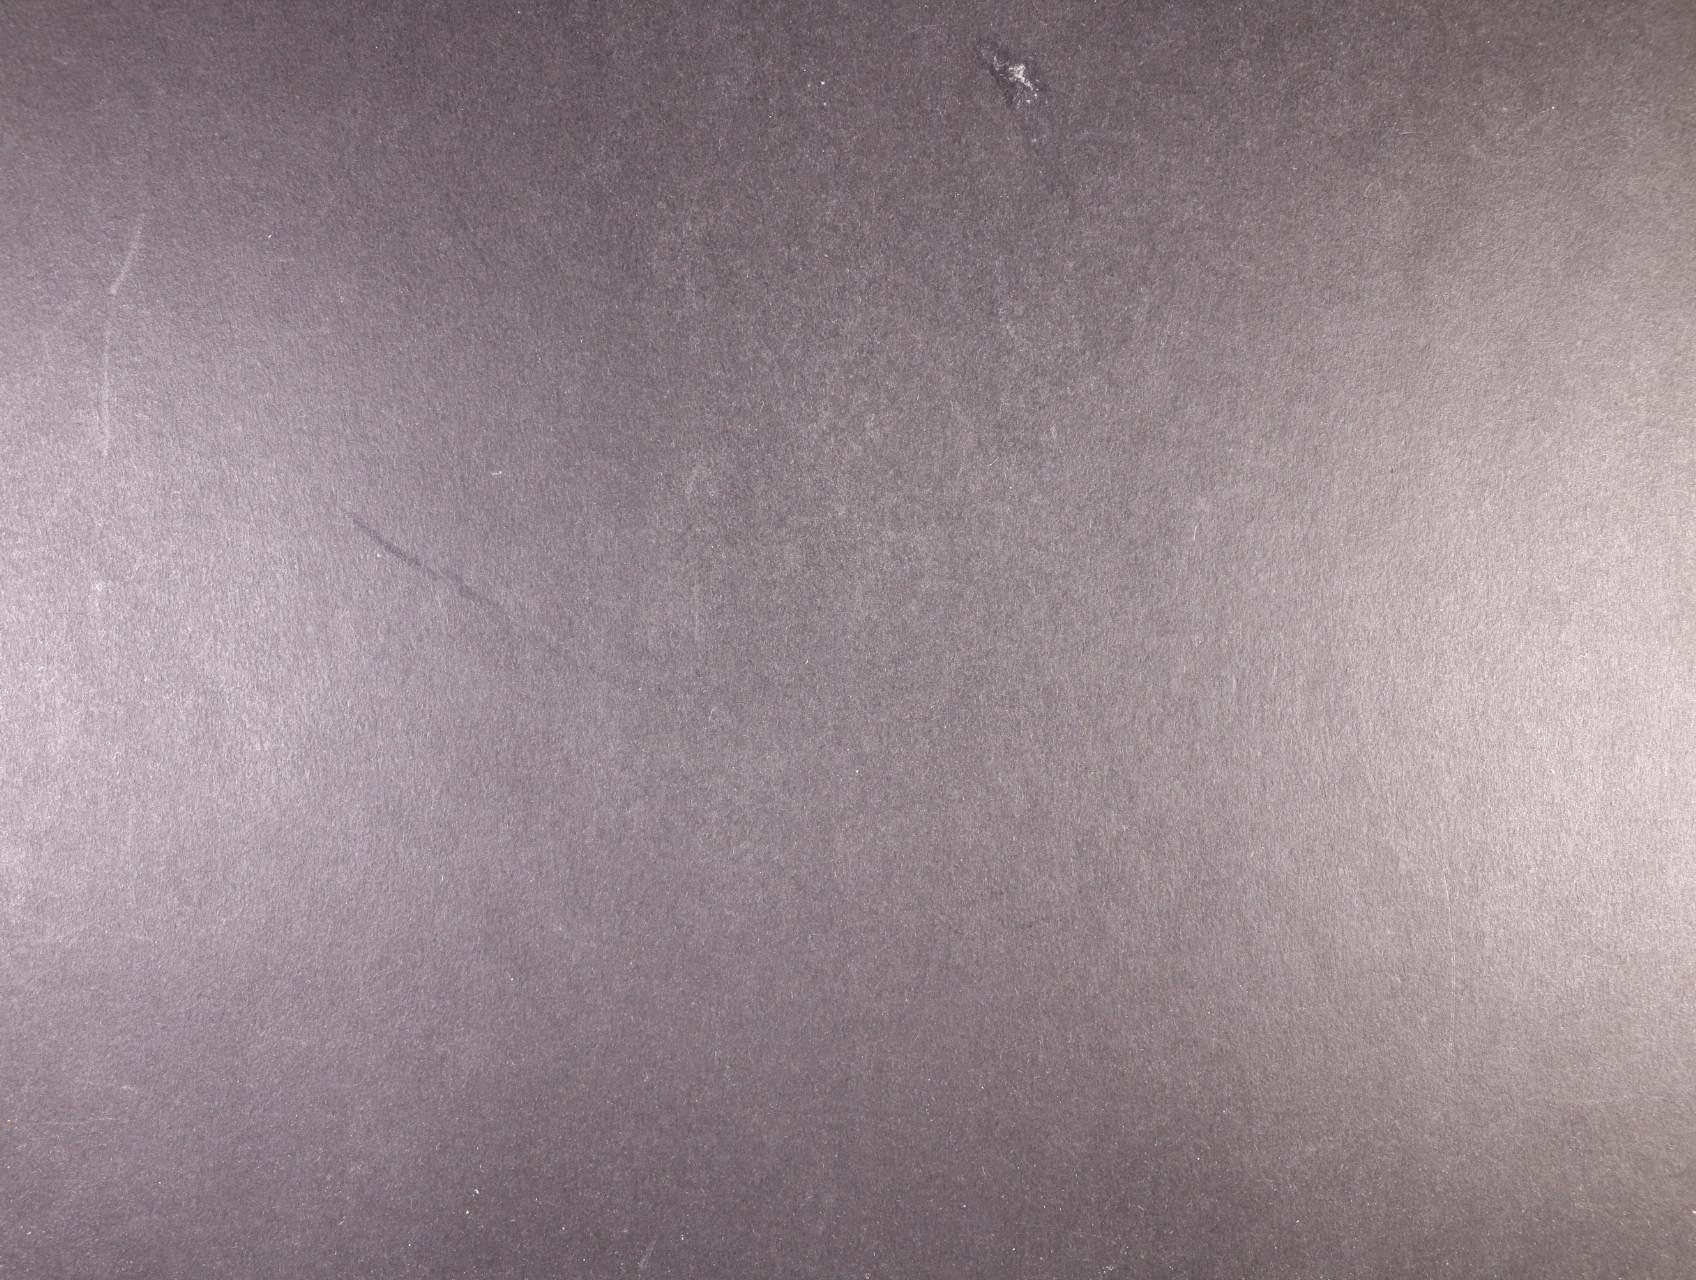 ČSR I - menší nekompl. sbírka zn. z let 1918 - 1939, obsahuje mj. zn. č. 140 DV kratší příčka na dopise, výstavní aršík LONDÝN 1943, zajímavé, k prohlédnutí, uloženo v hnědém zásobníku A4